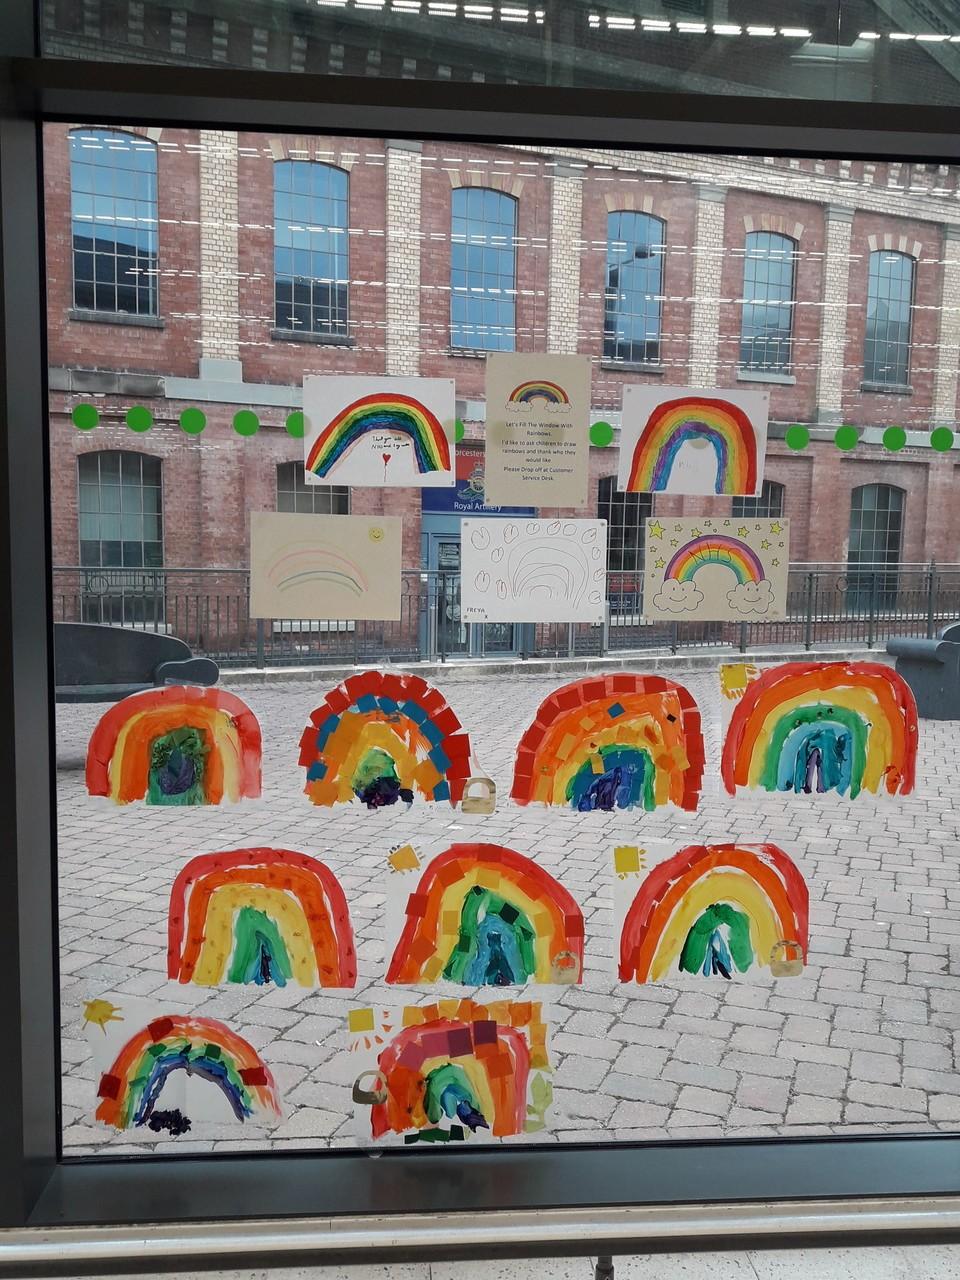 Rainbows brighten up our window | Asda Worcester